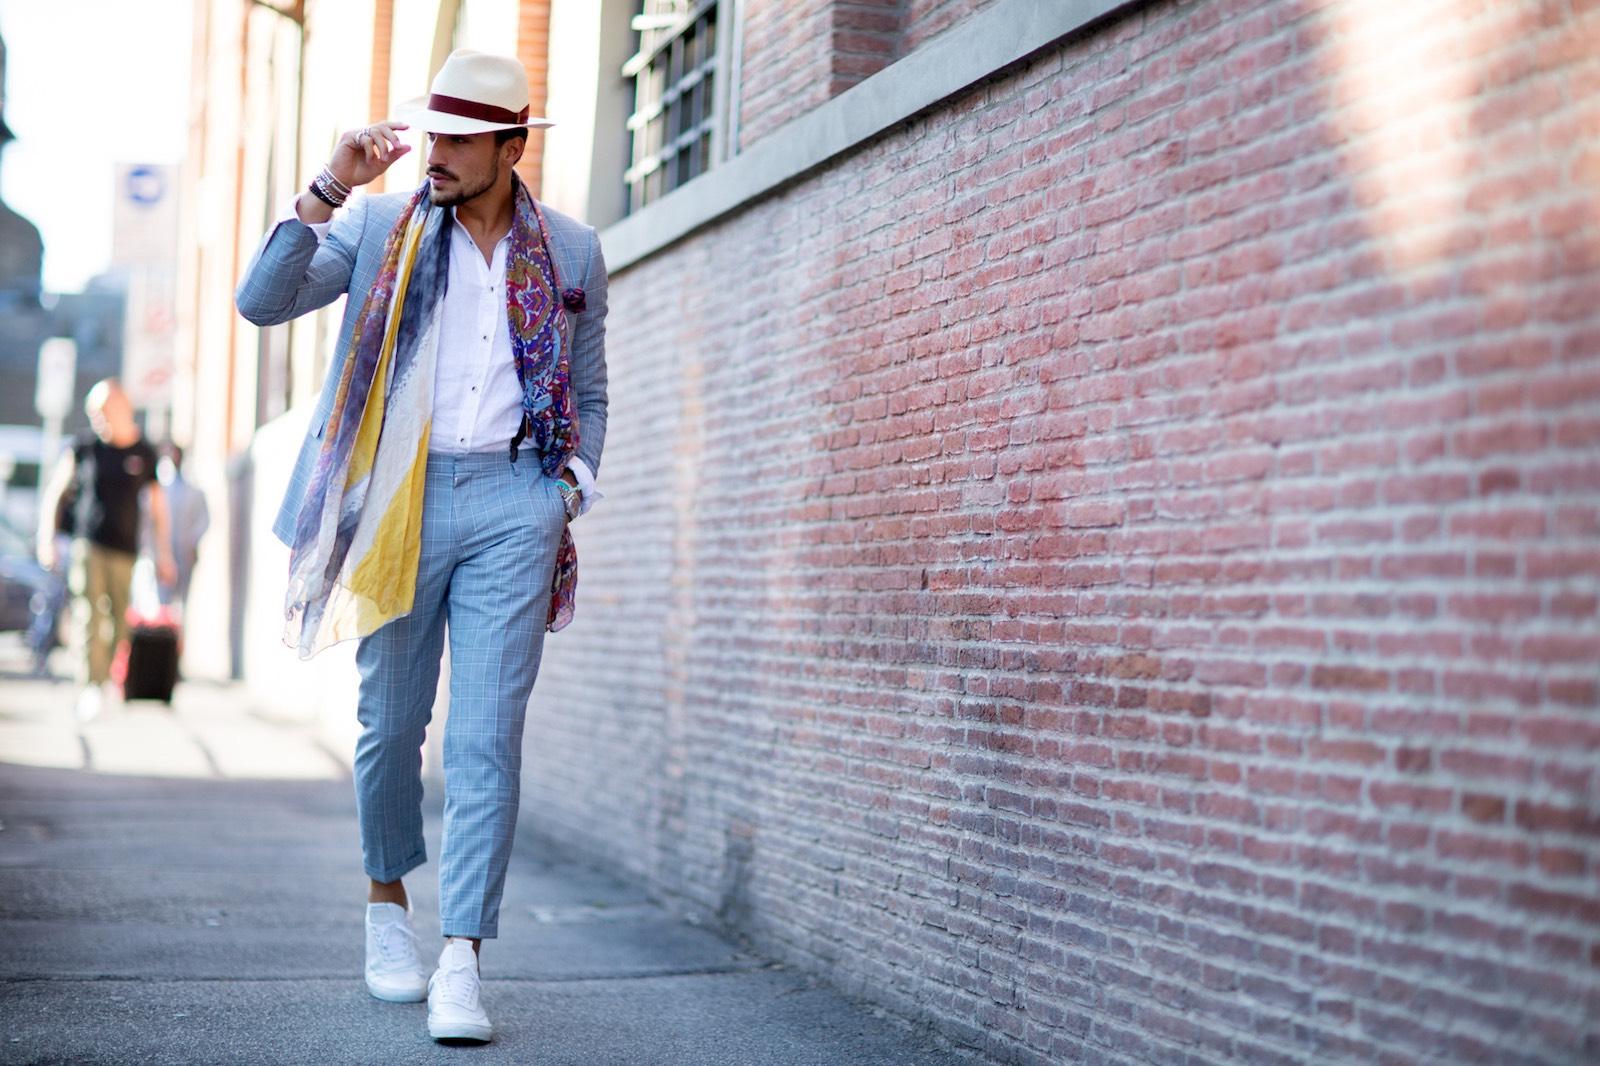 Scarpe Matrimonio Uomo Sportive : Uomo vestiti eleganti e scarpe sportive le nuove regole